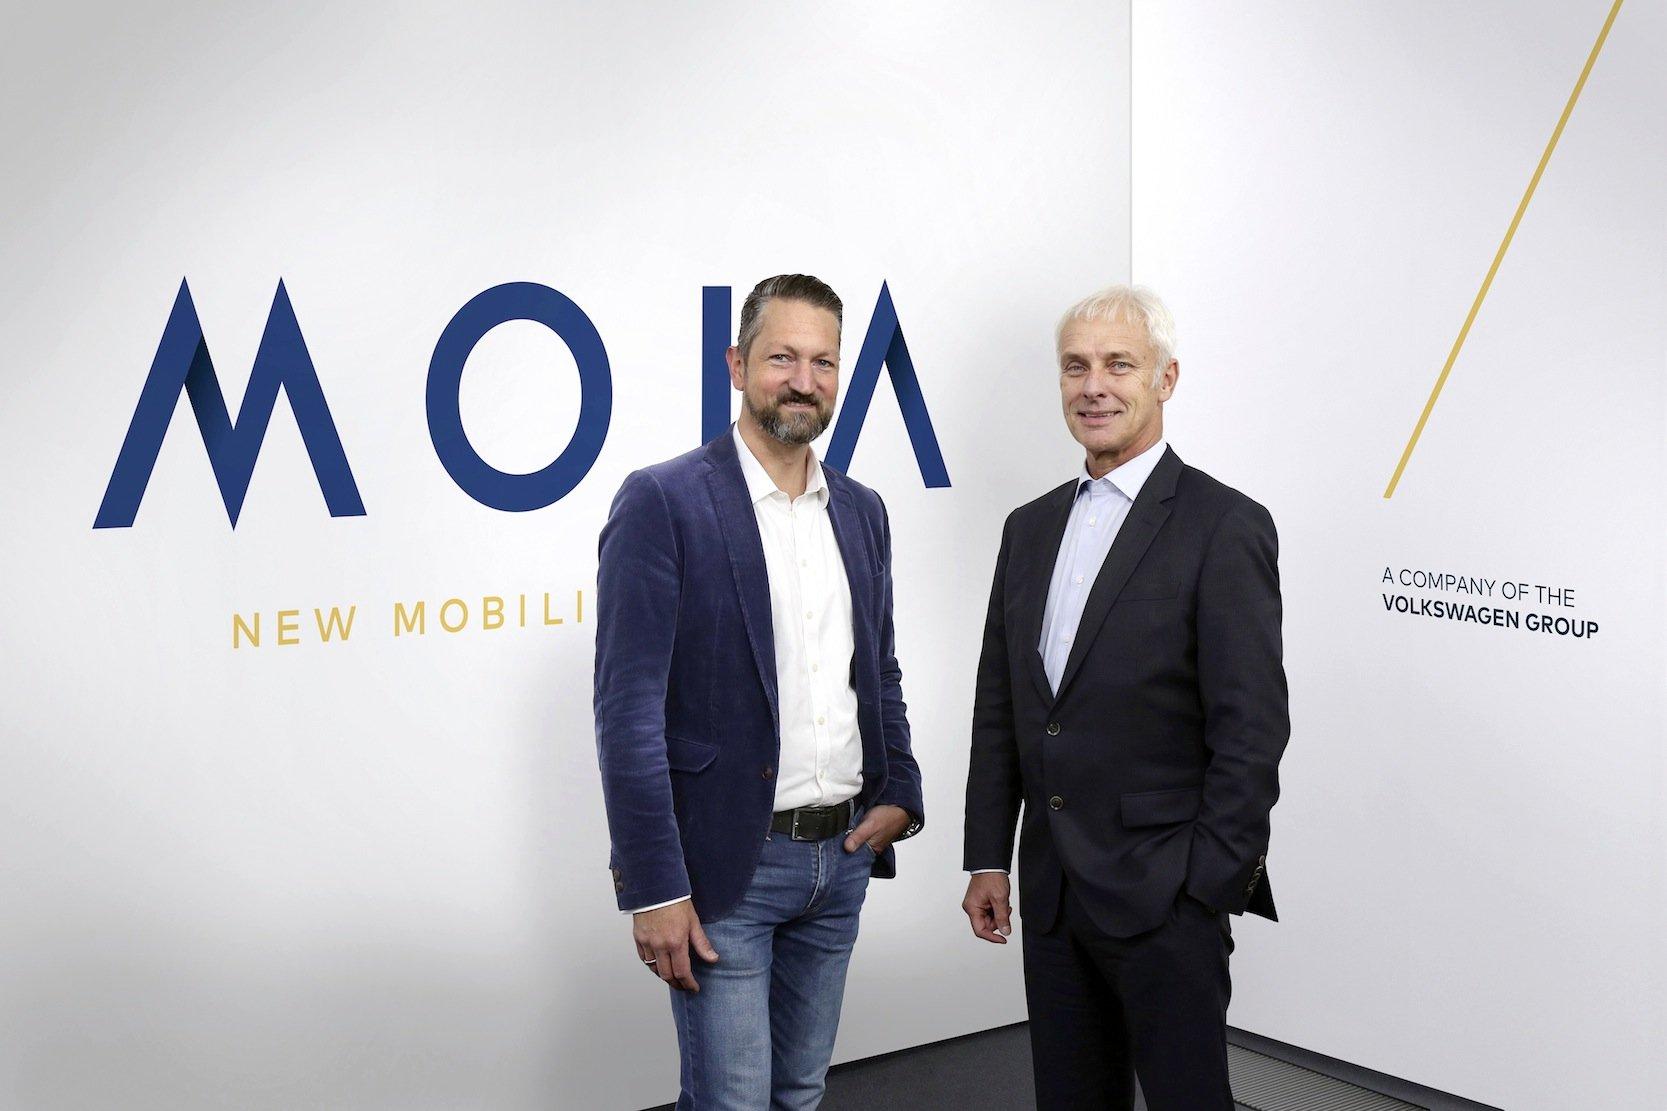 Moia-Chef Ole Harms (l.) und VW-Konzernchef Matthias Müller wollen künftig Milliarden mit der Vermittlung von Fahrten verdienen.